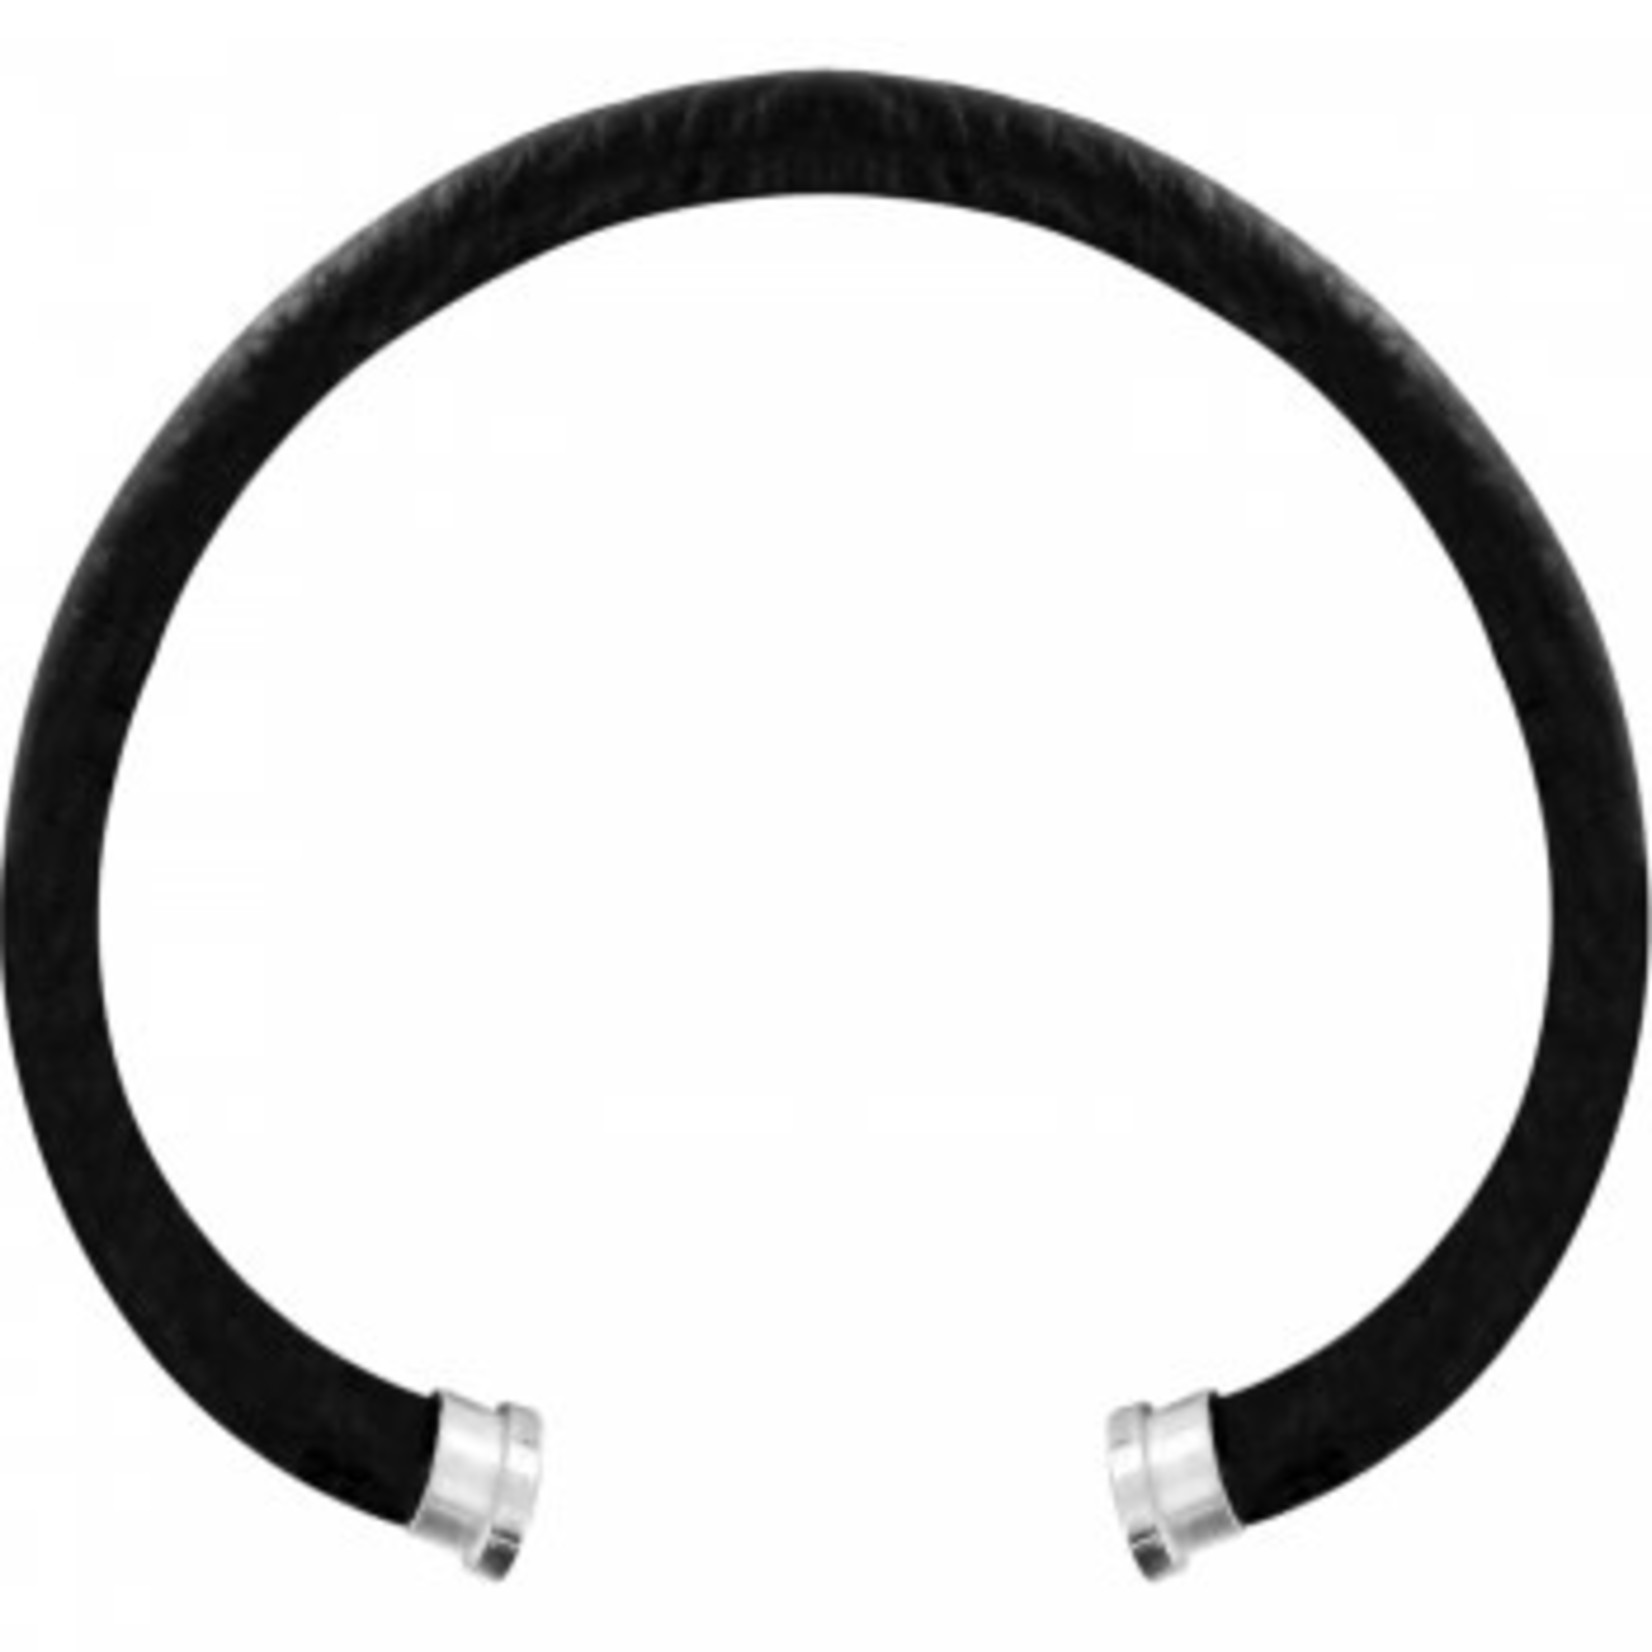 Brighton Color Clique Leather Cord in Black S/M